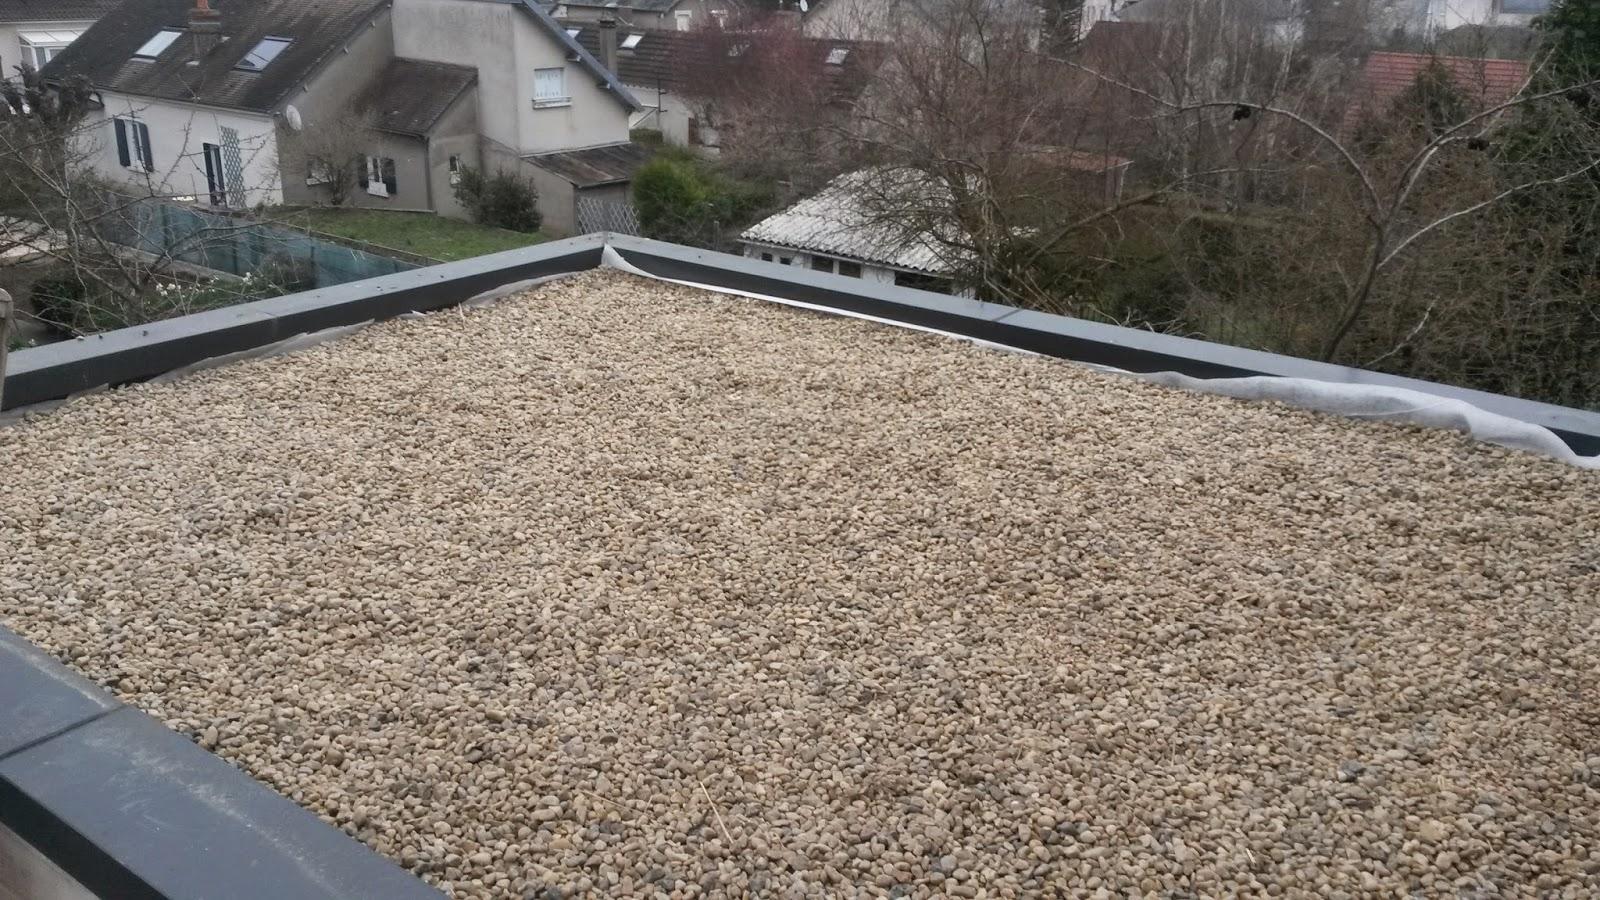 Chantier en cours protection toit plat for Gravier pour terrasse